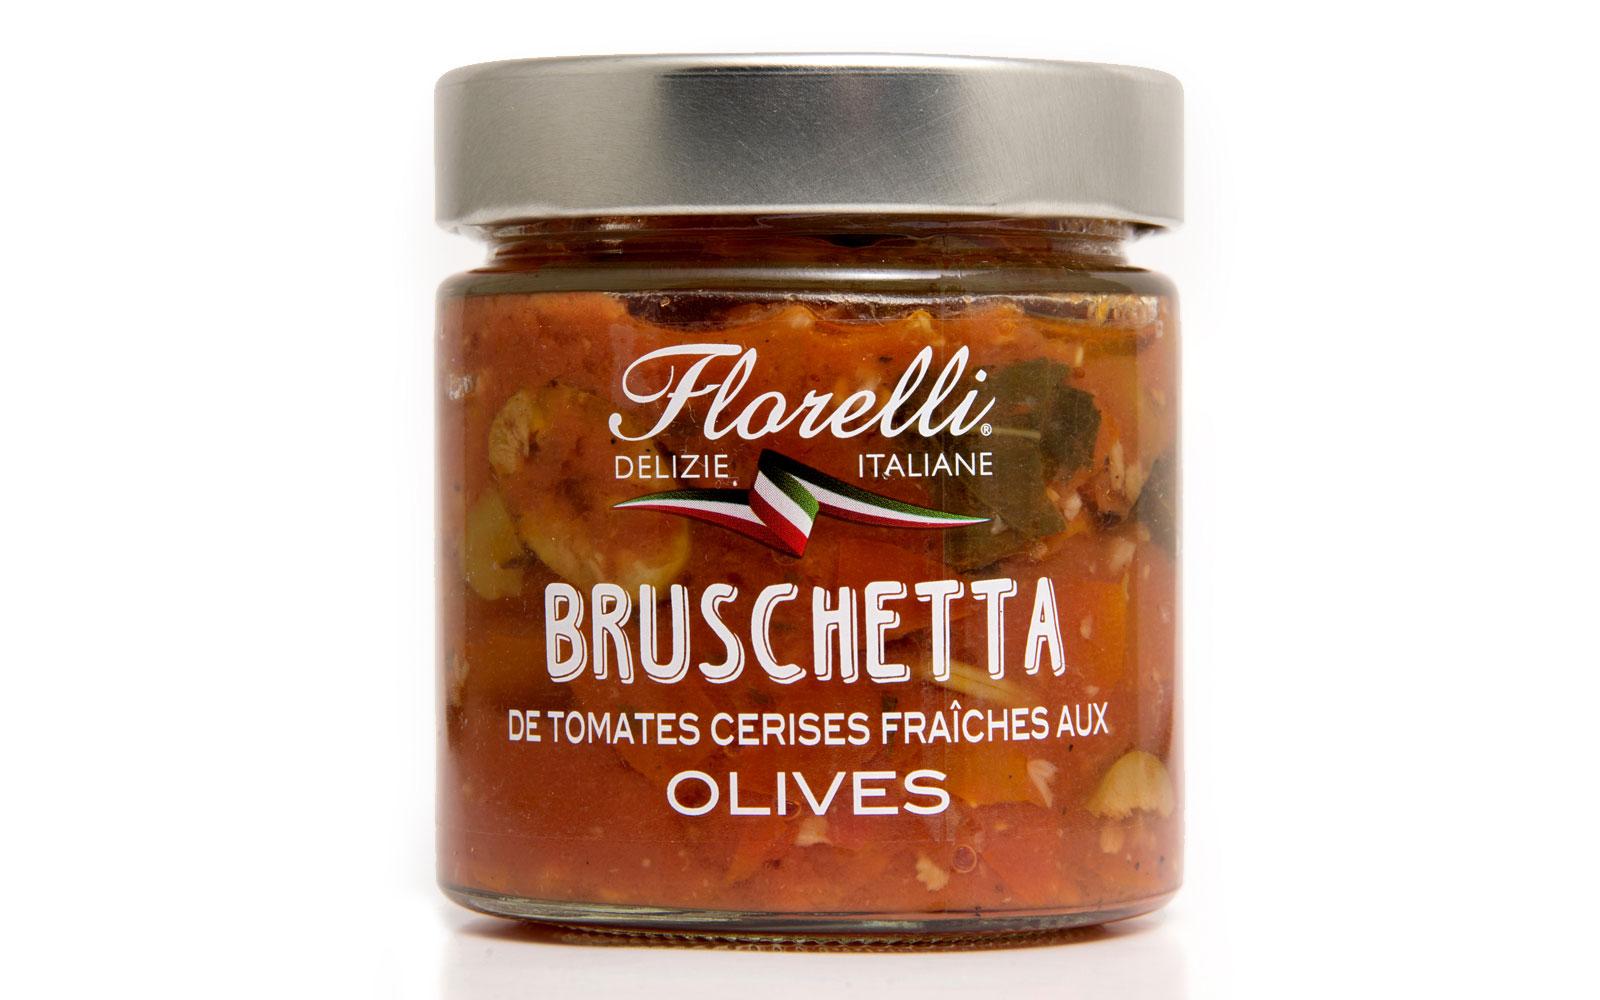 florelli bruschetta tomatoes olives